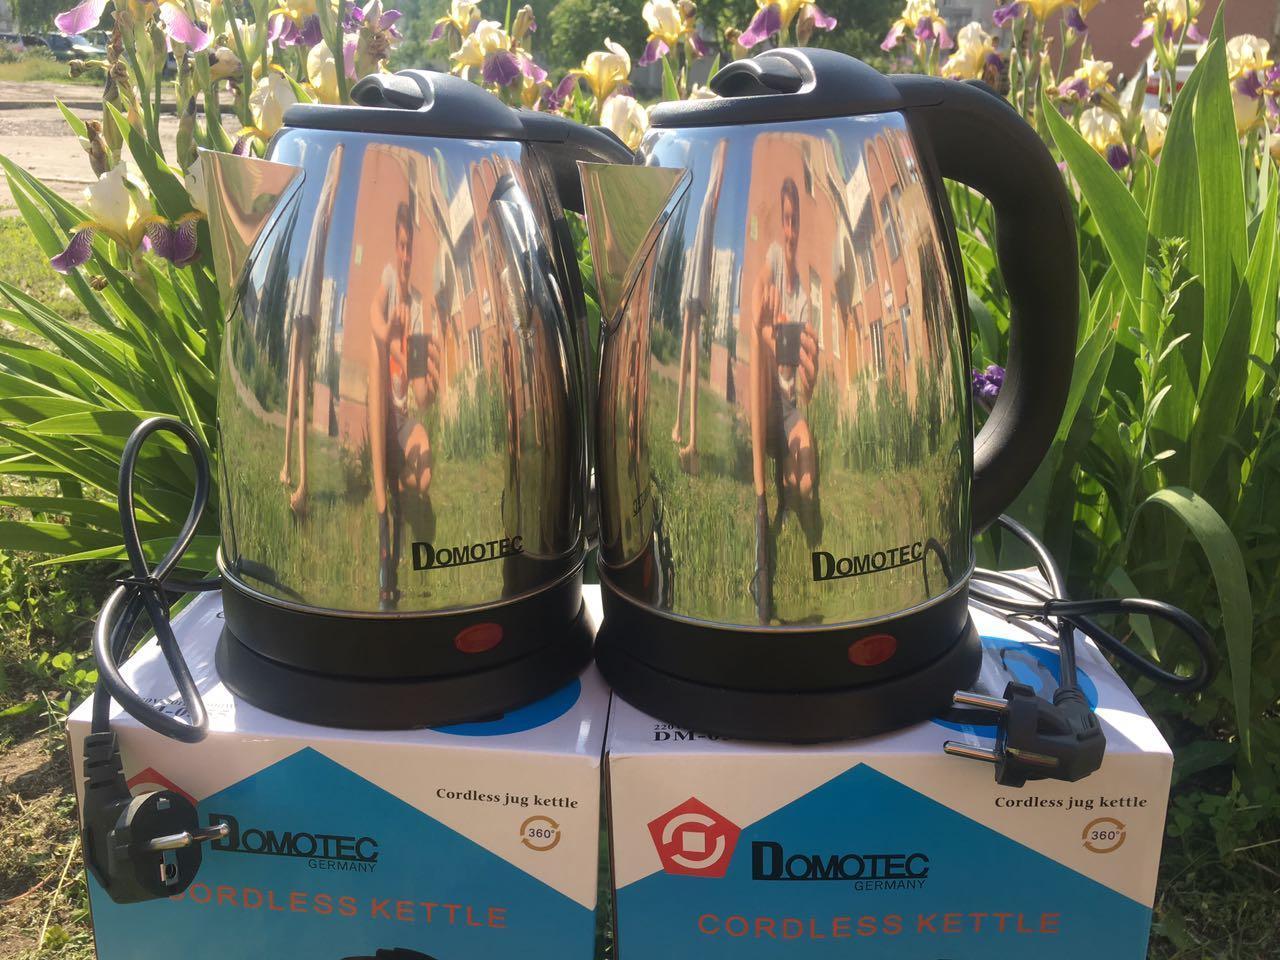 Електричний чайник Domotec (2л) DM-0555, металевий чайник, швидкий нагрів